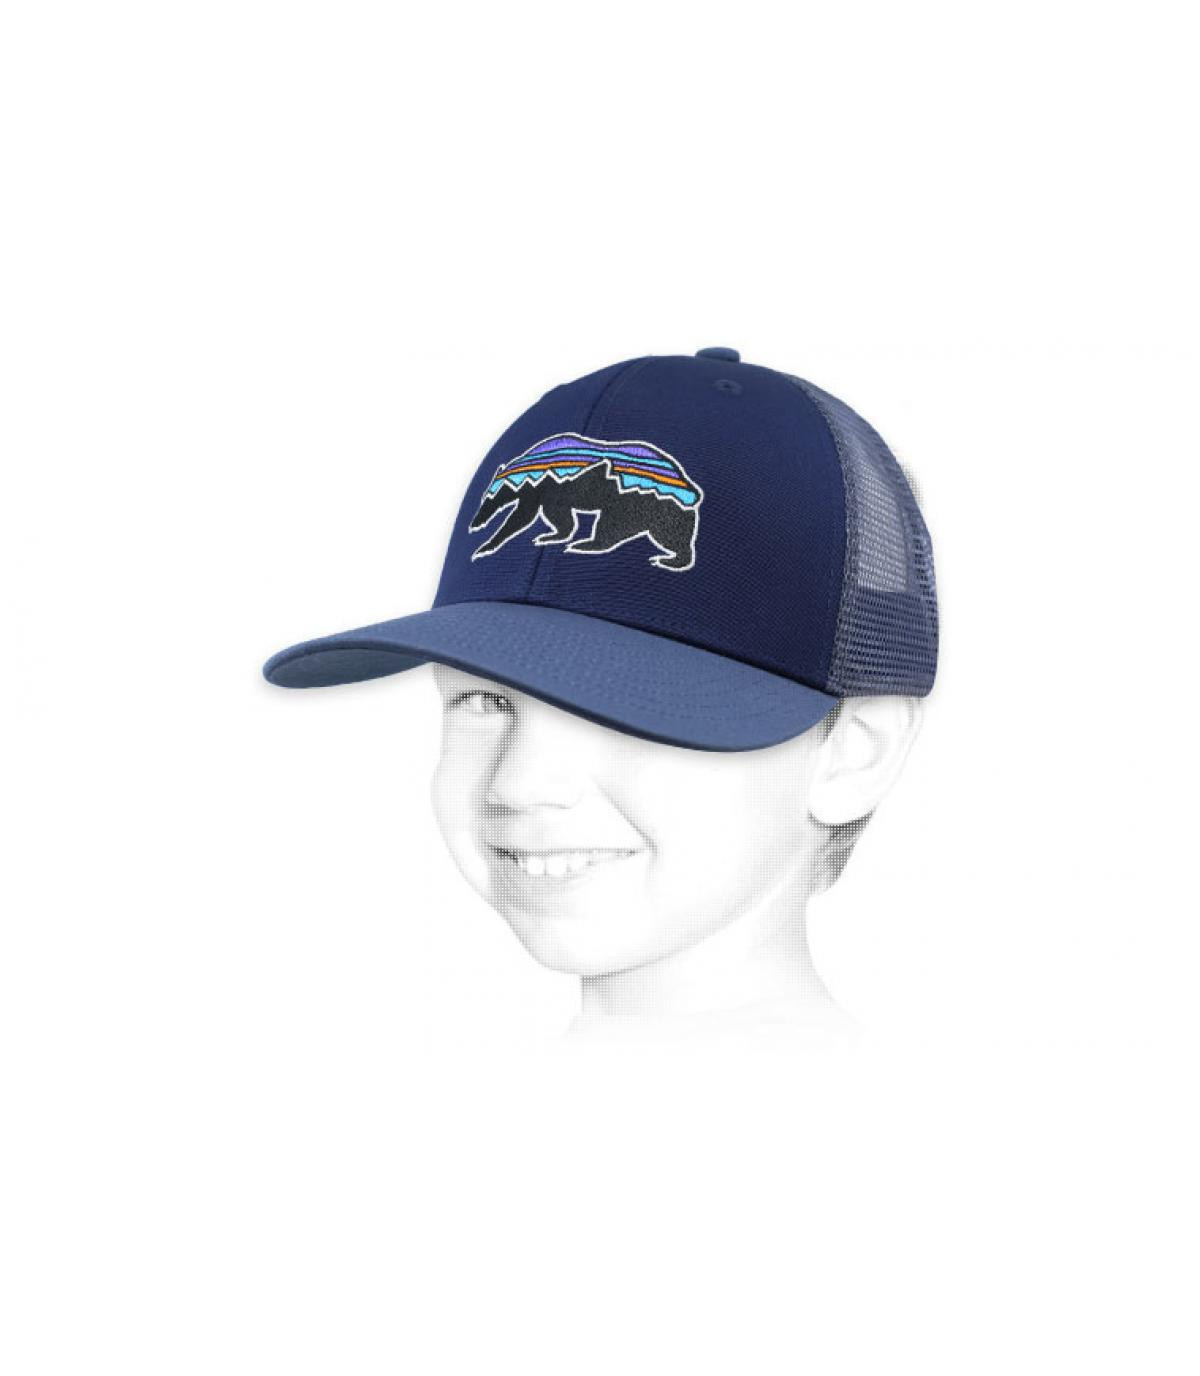 casquette enfant Patagonia bleu